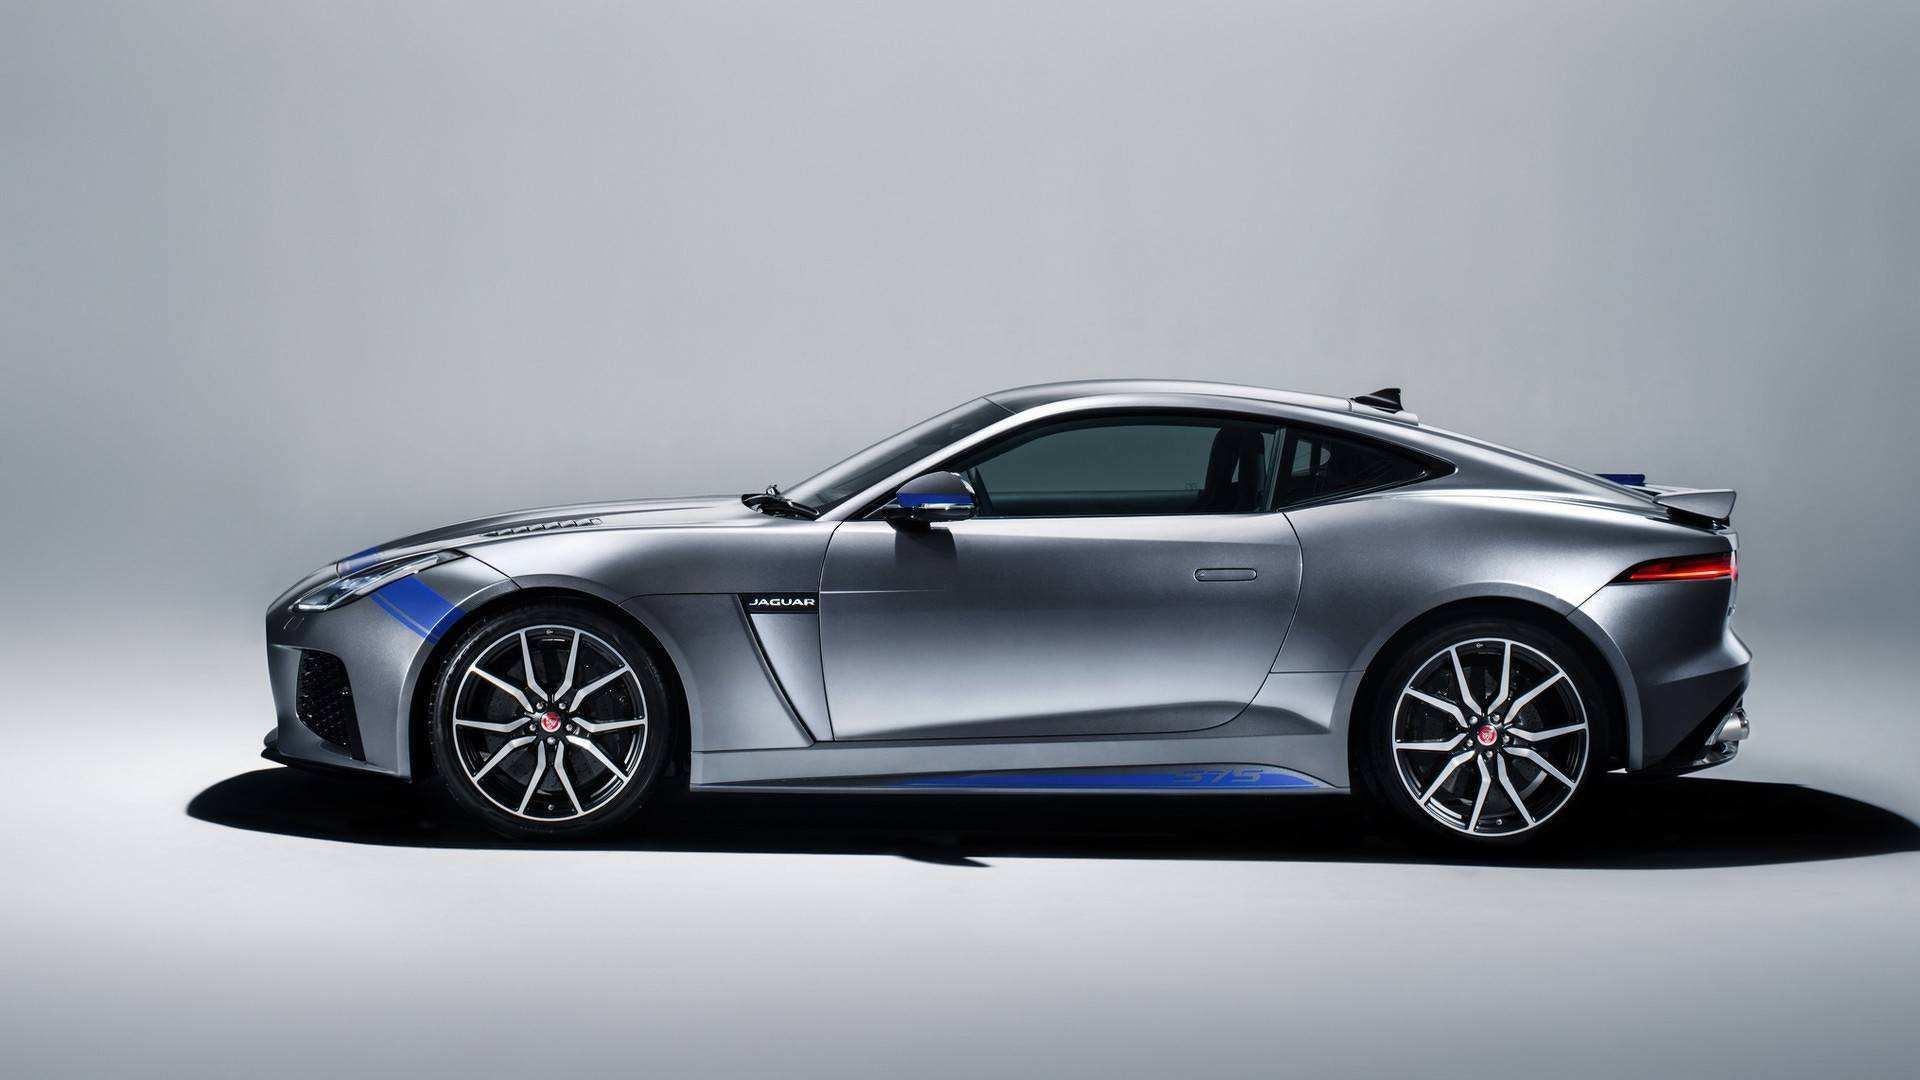 31 Great Jaguar Concept 2020 Performance by Jaguar Concept 2020